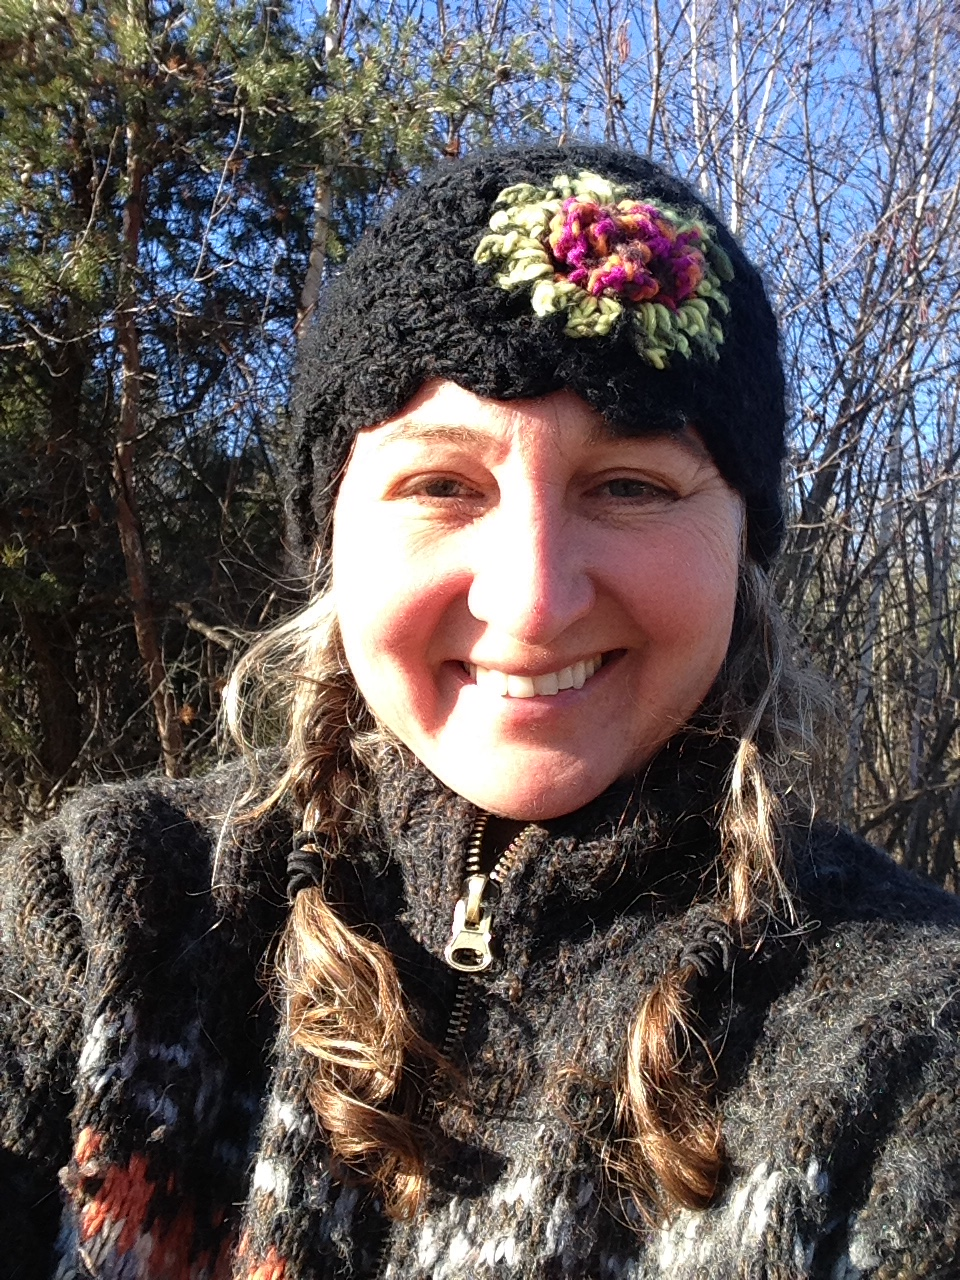 FEBRUARY: Angeline Haen